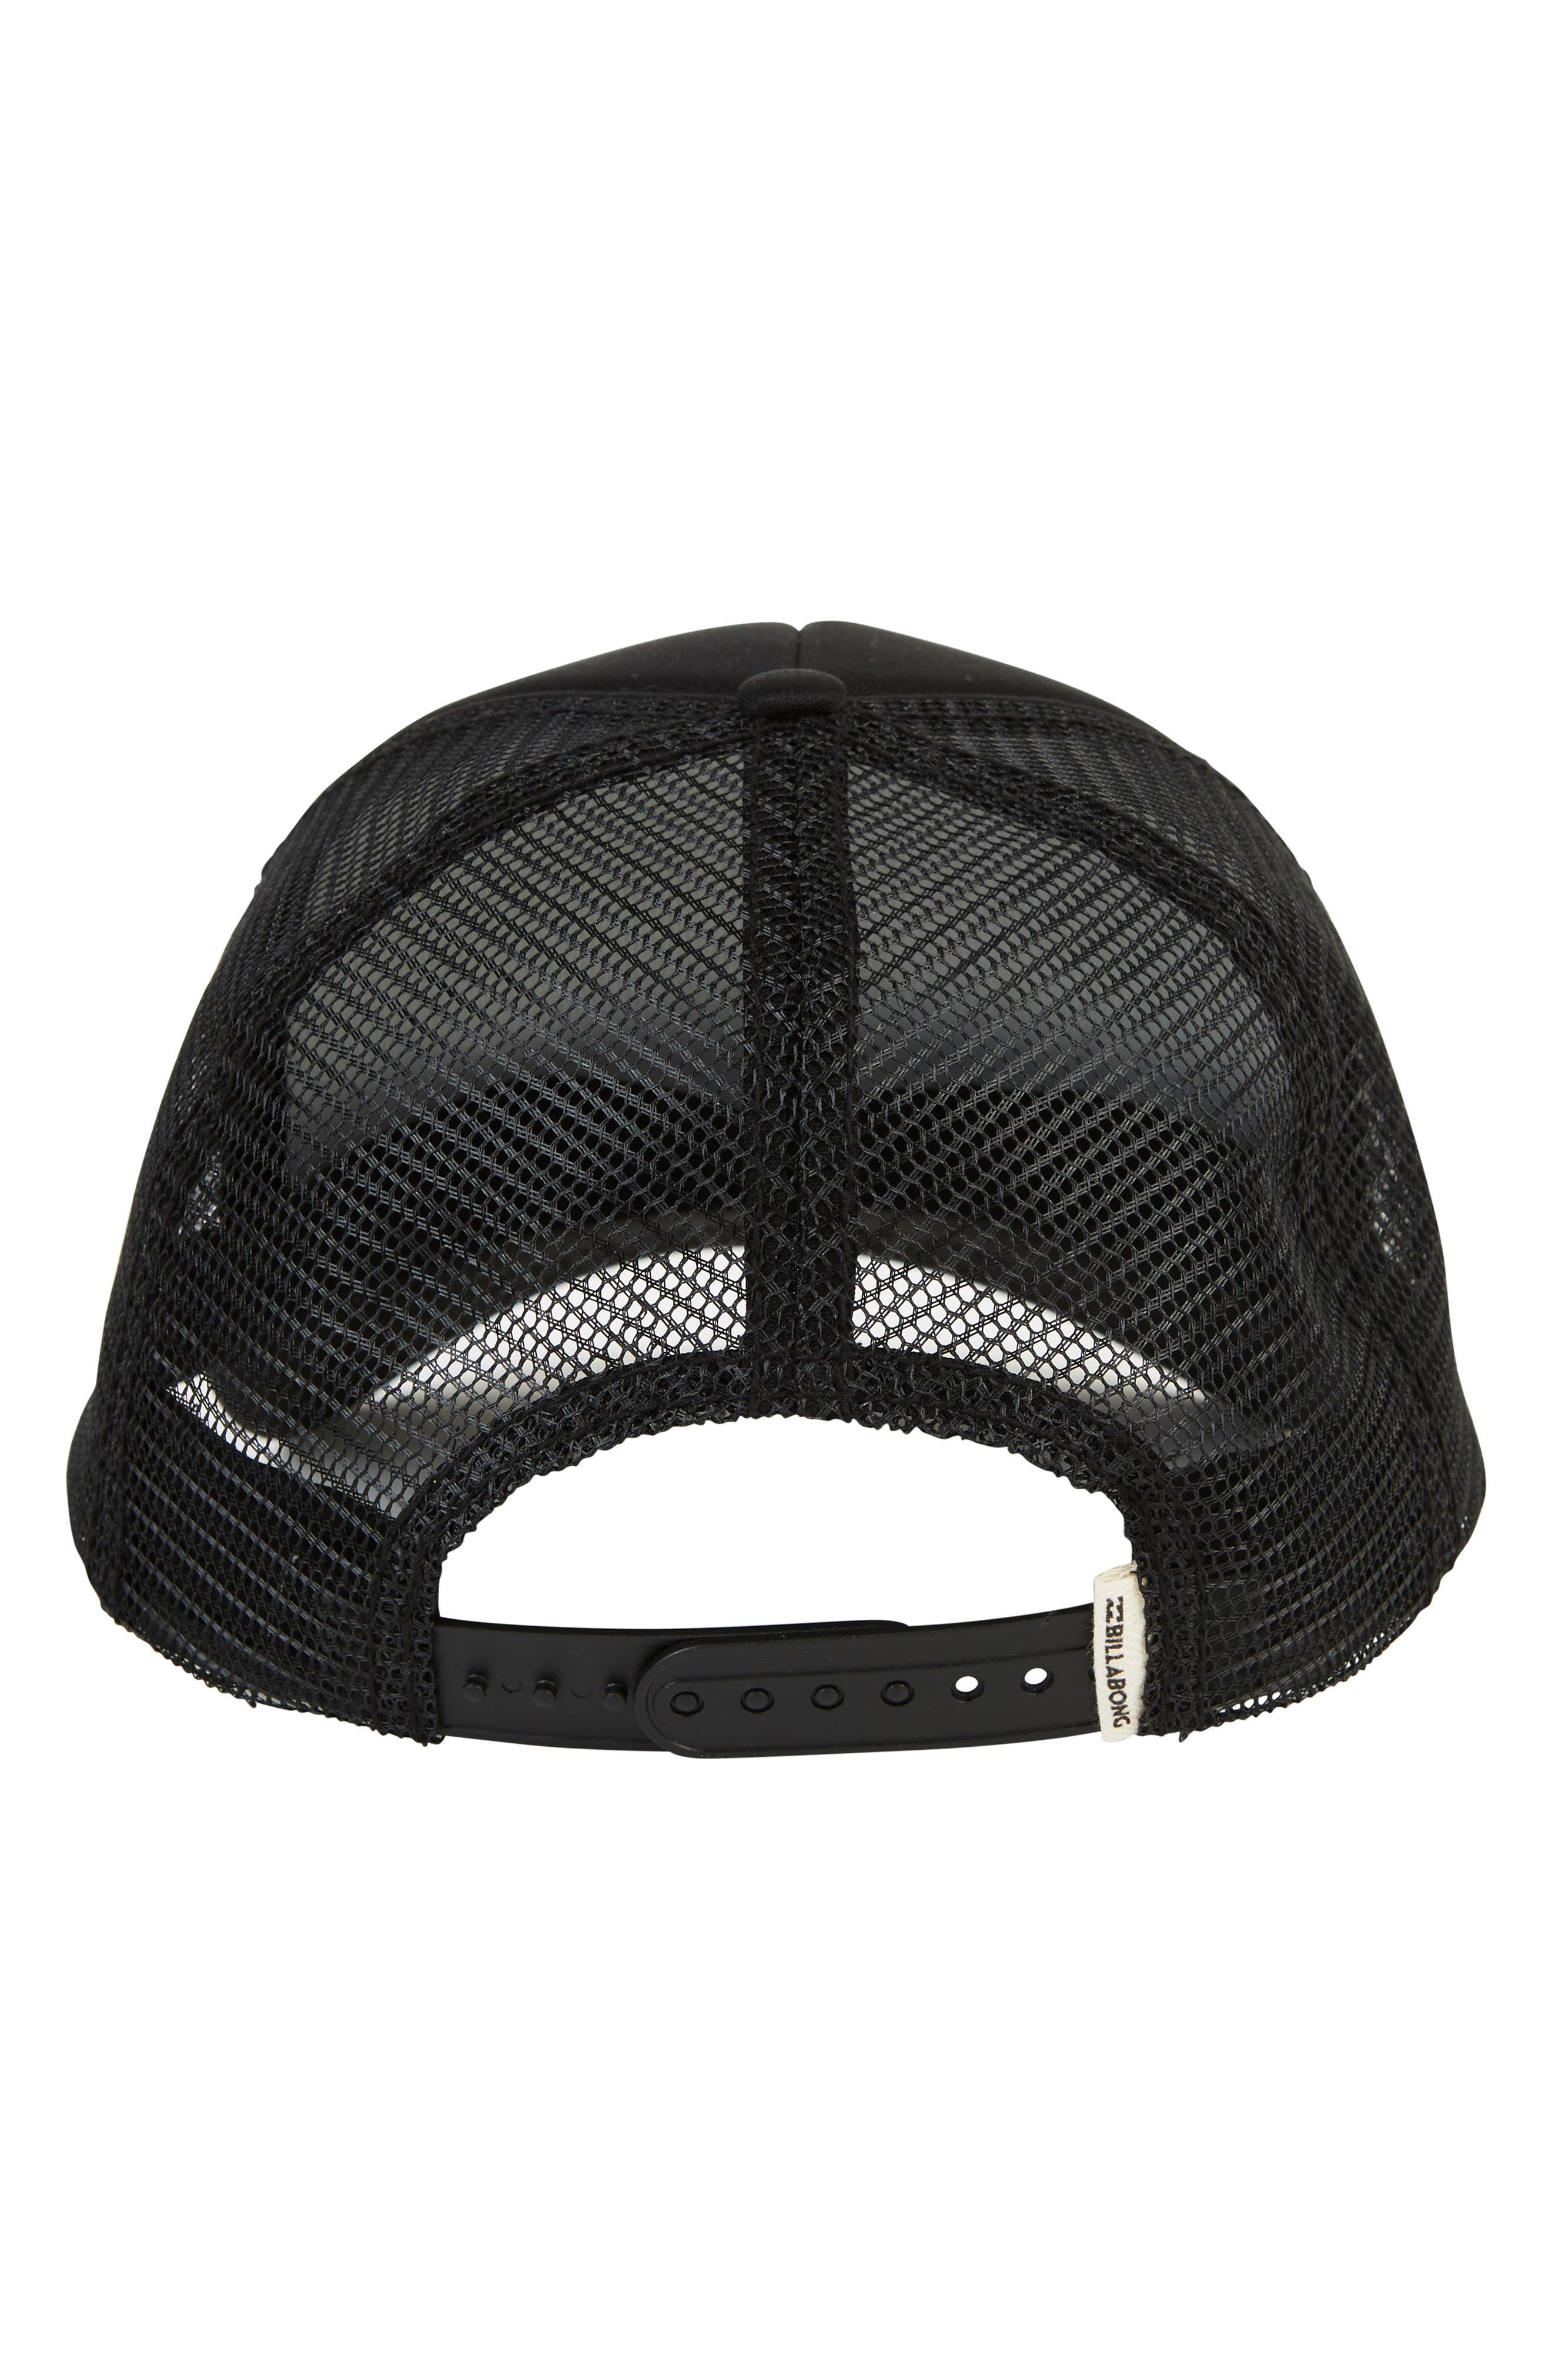 Across Waves Trucker Hat,                             Alternate thumbnail 2, color,                             BLACK